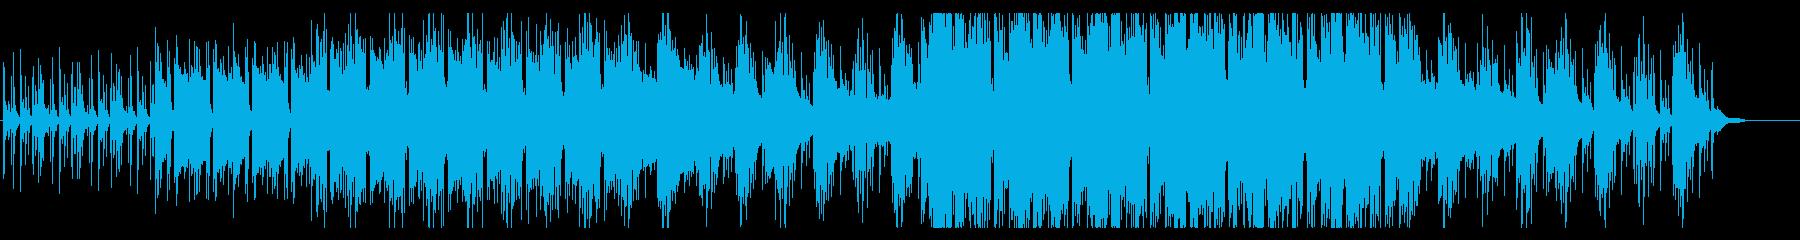 緊迫した場面に使えるパーカッシブなBGMの再生済みの波形